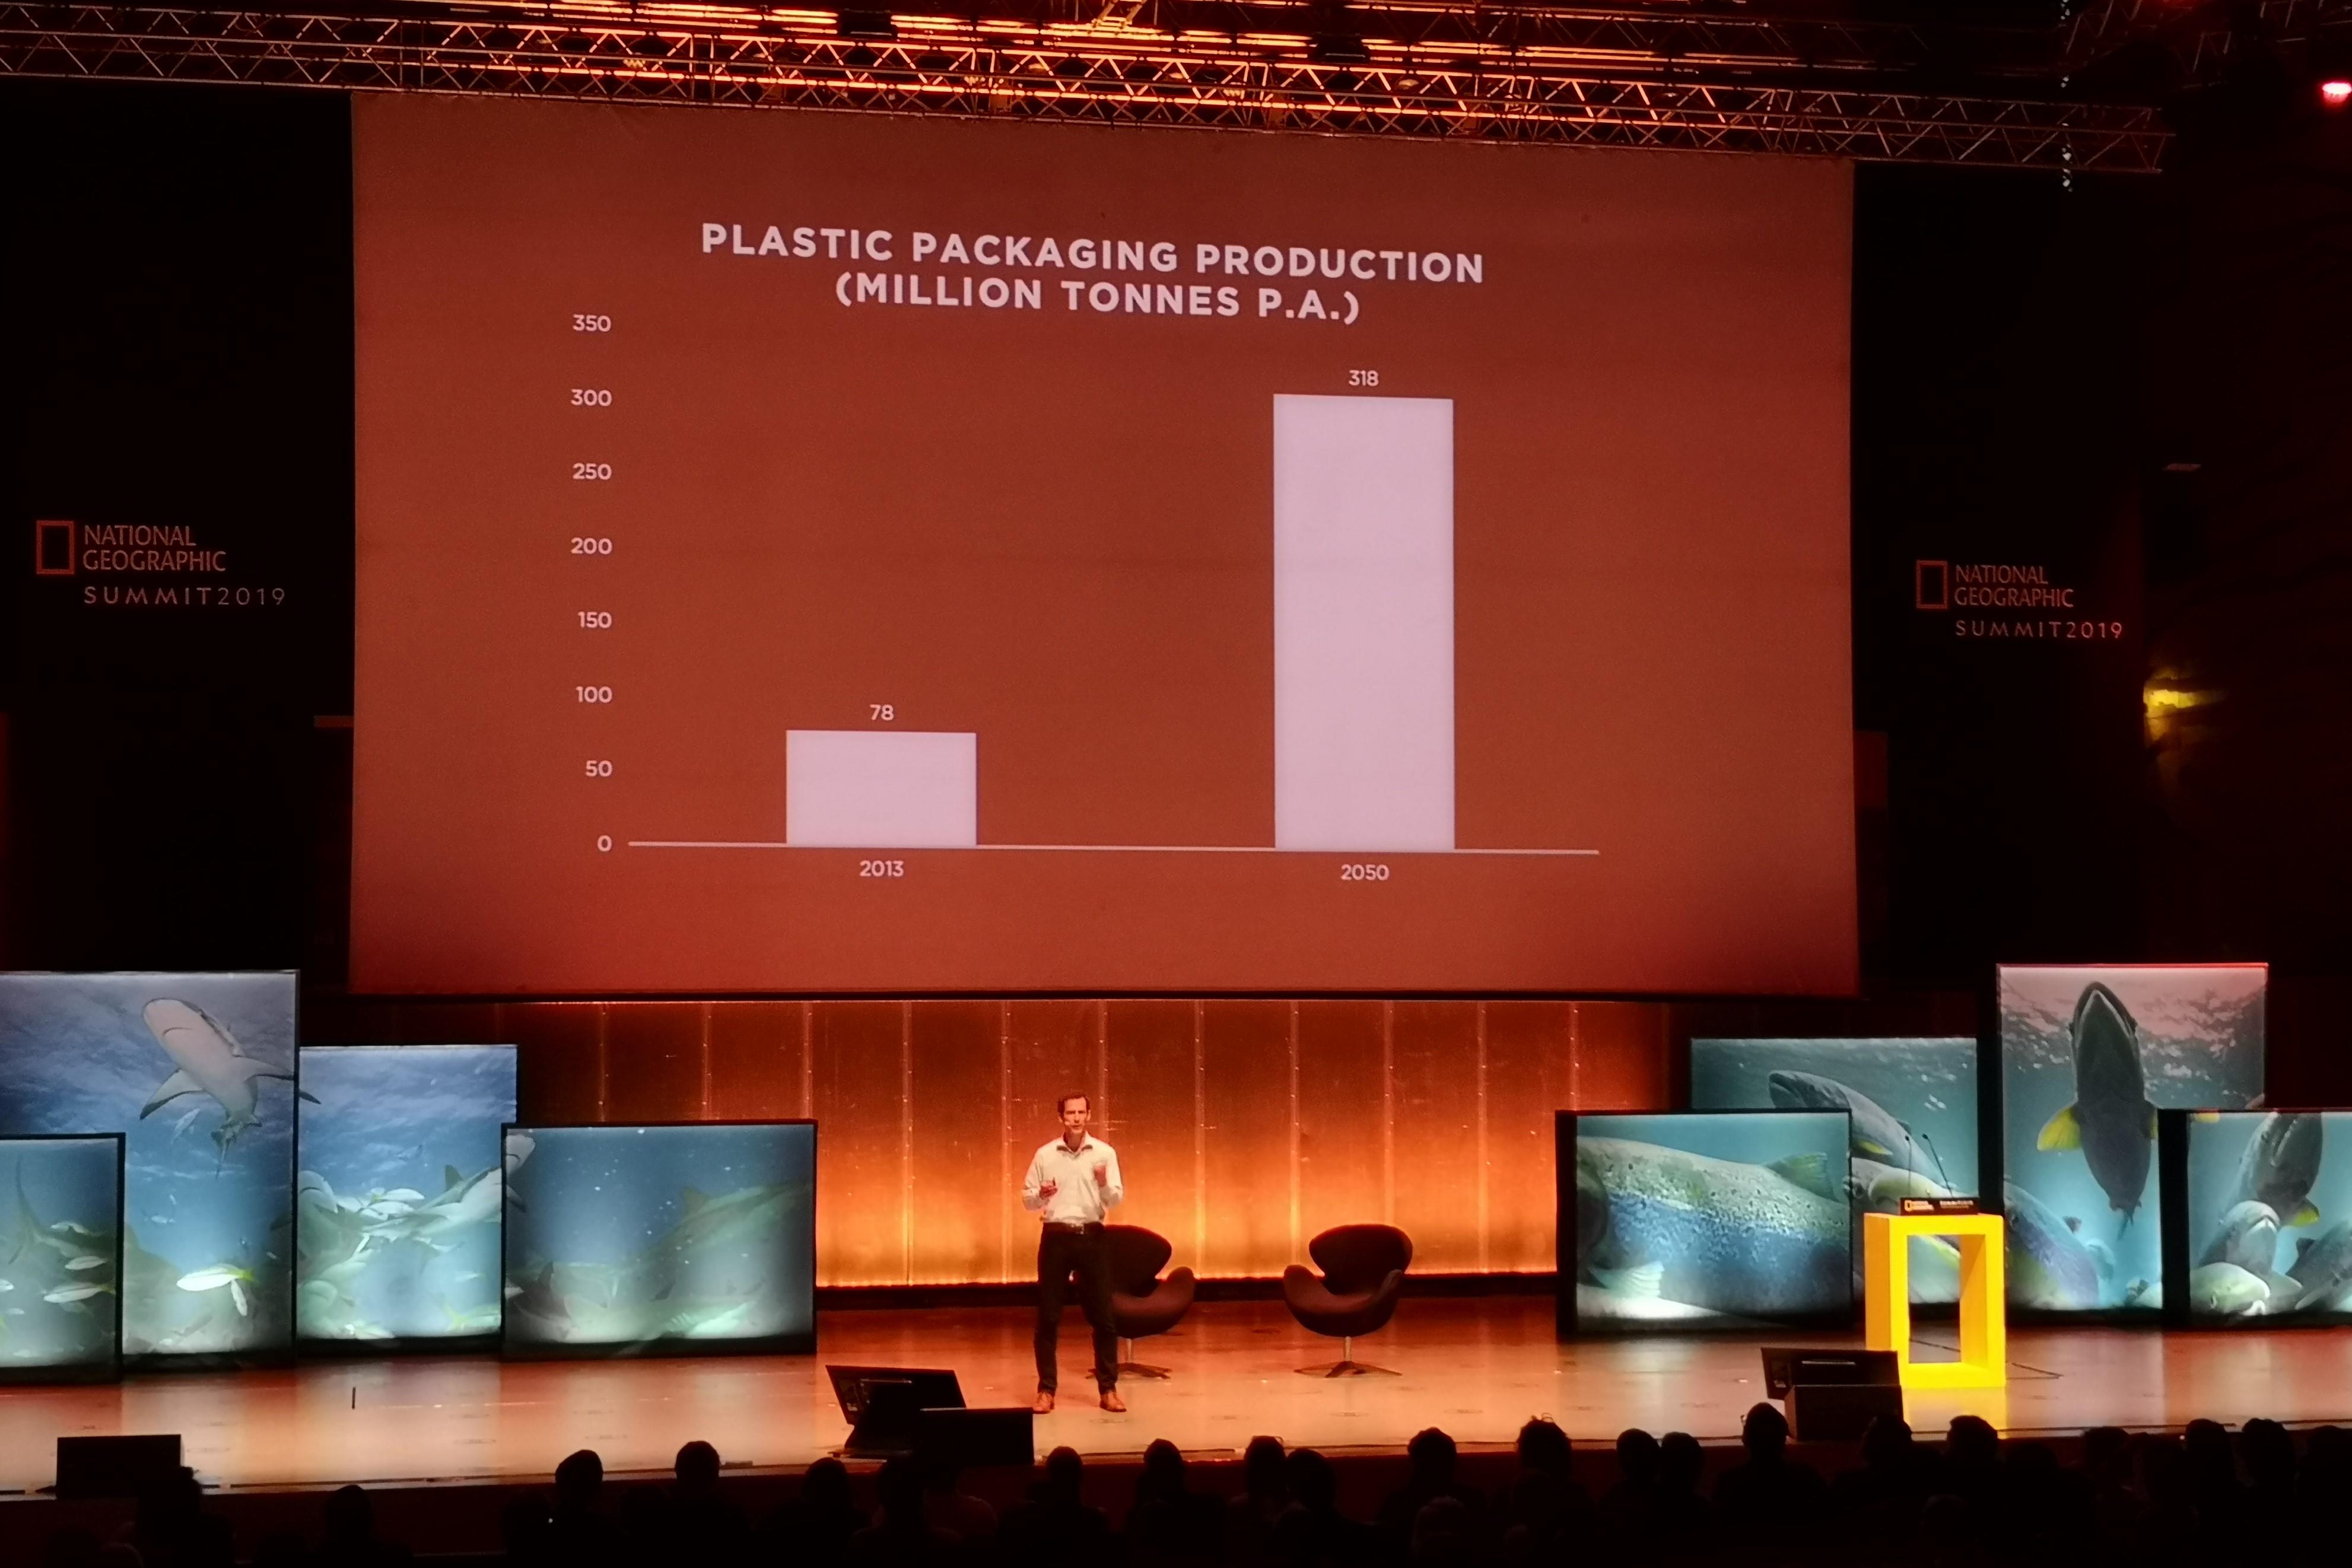 Jamie Butterwoth explicou o conceito de economia circular. Fotografia: Mariana Miranda.